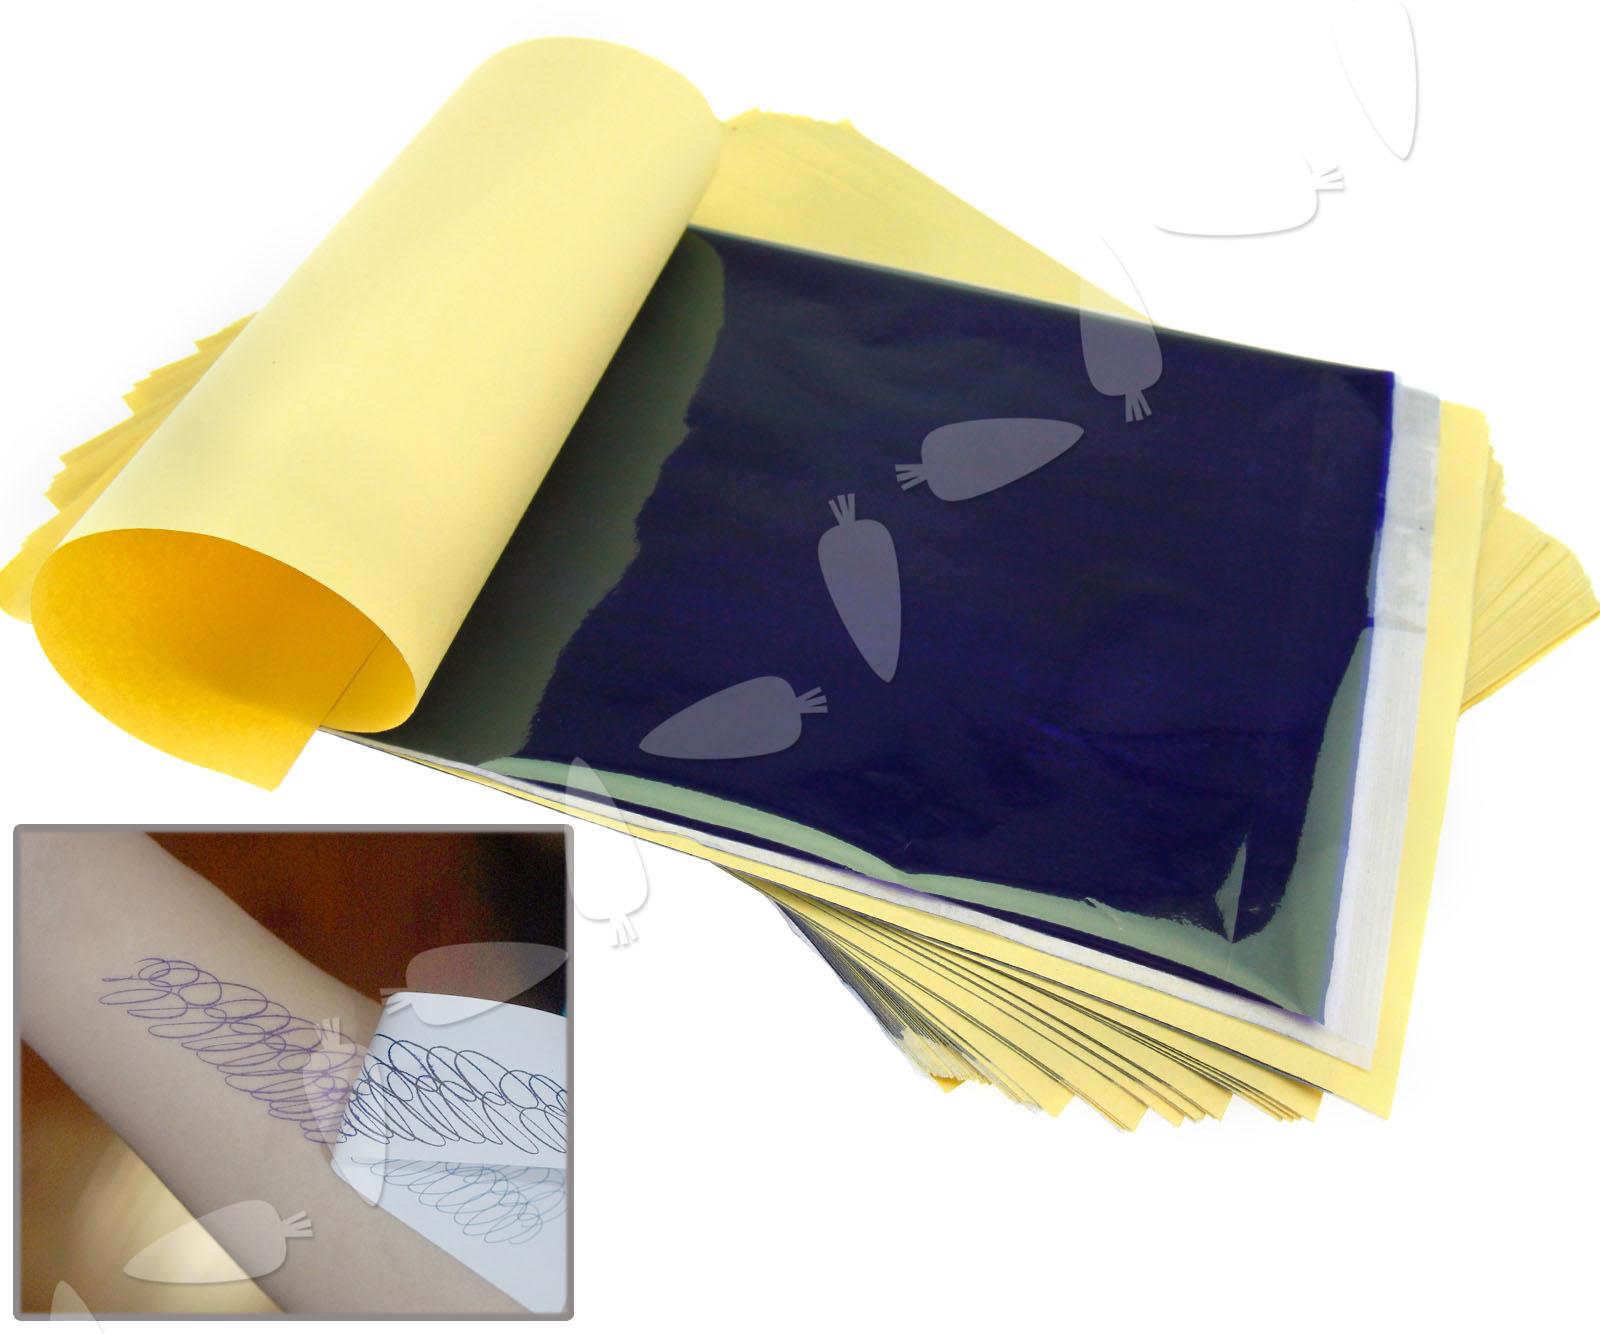 tattoo transfer paper Professional tattoo transfer copier thermal stencil paper a5 & a4 printer  machine  maquiagem tattoo copy machine lowest price a4 transfer paper  black.